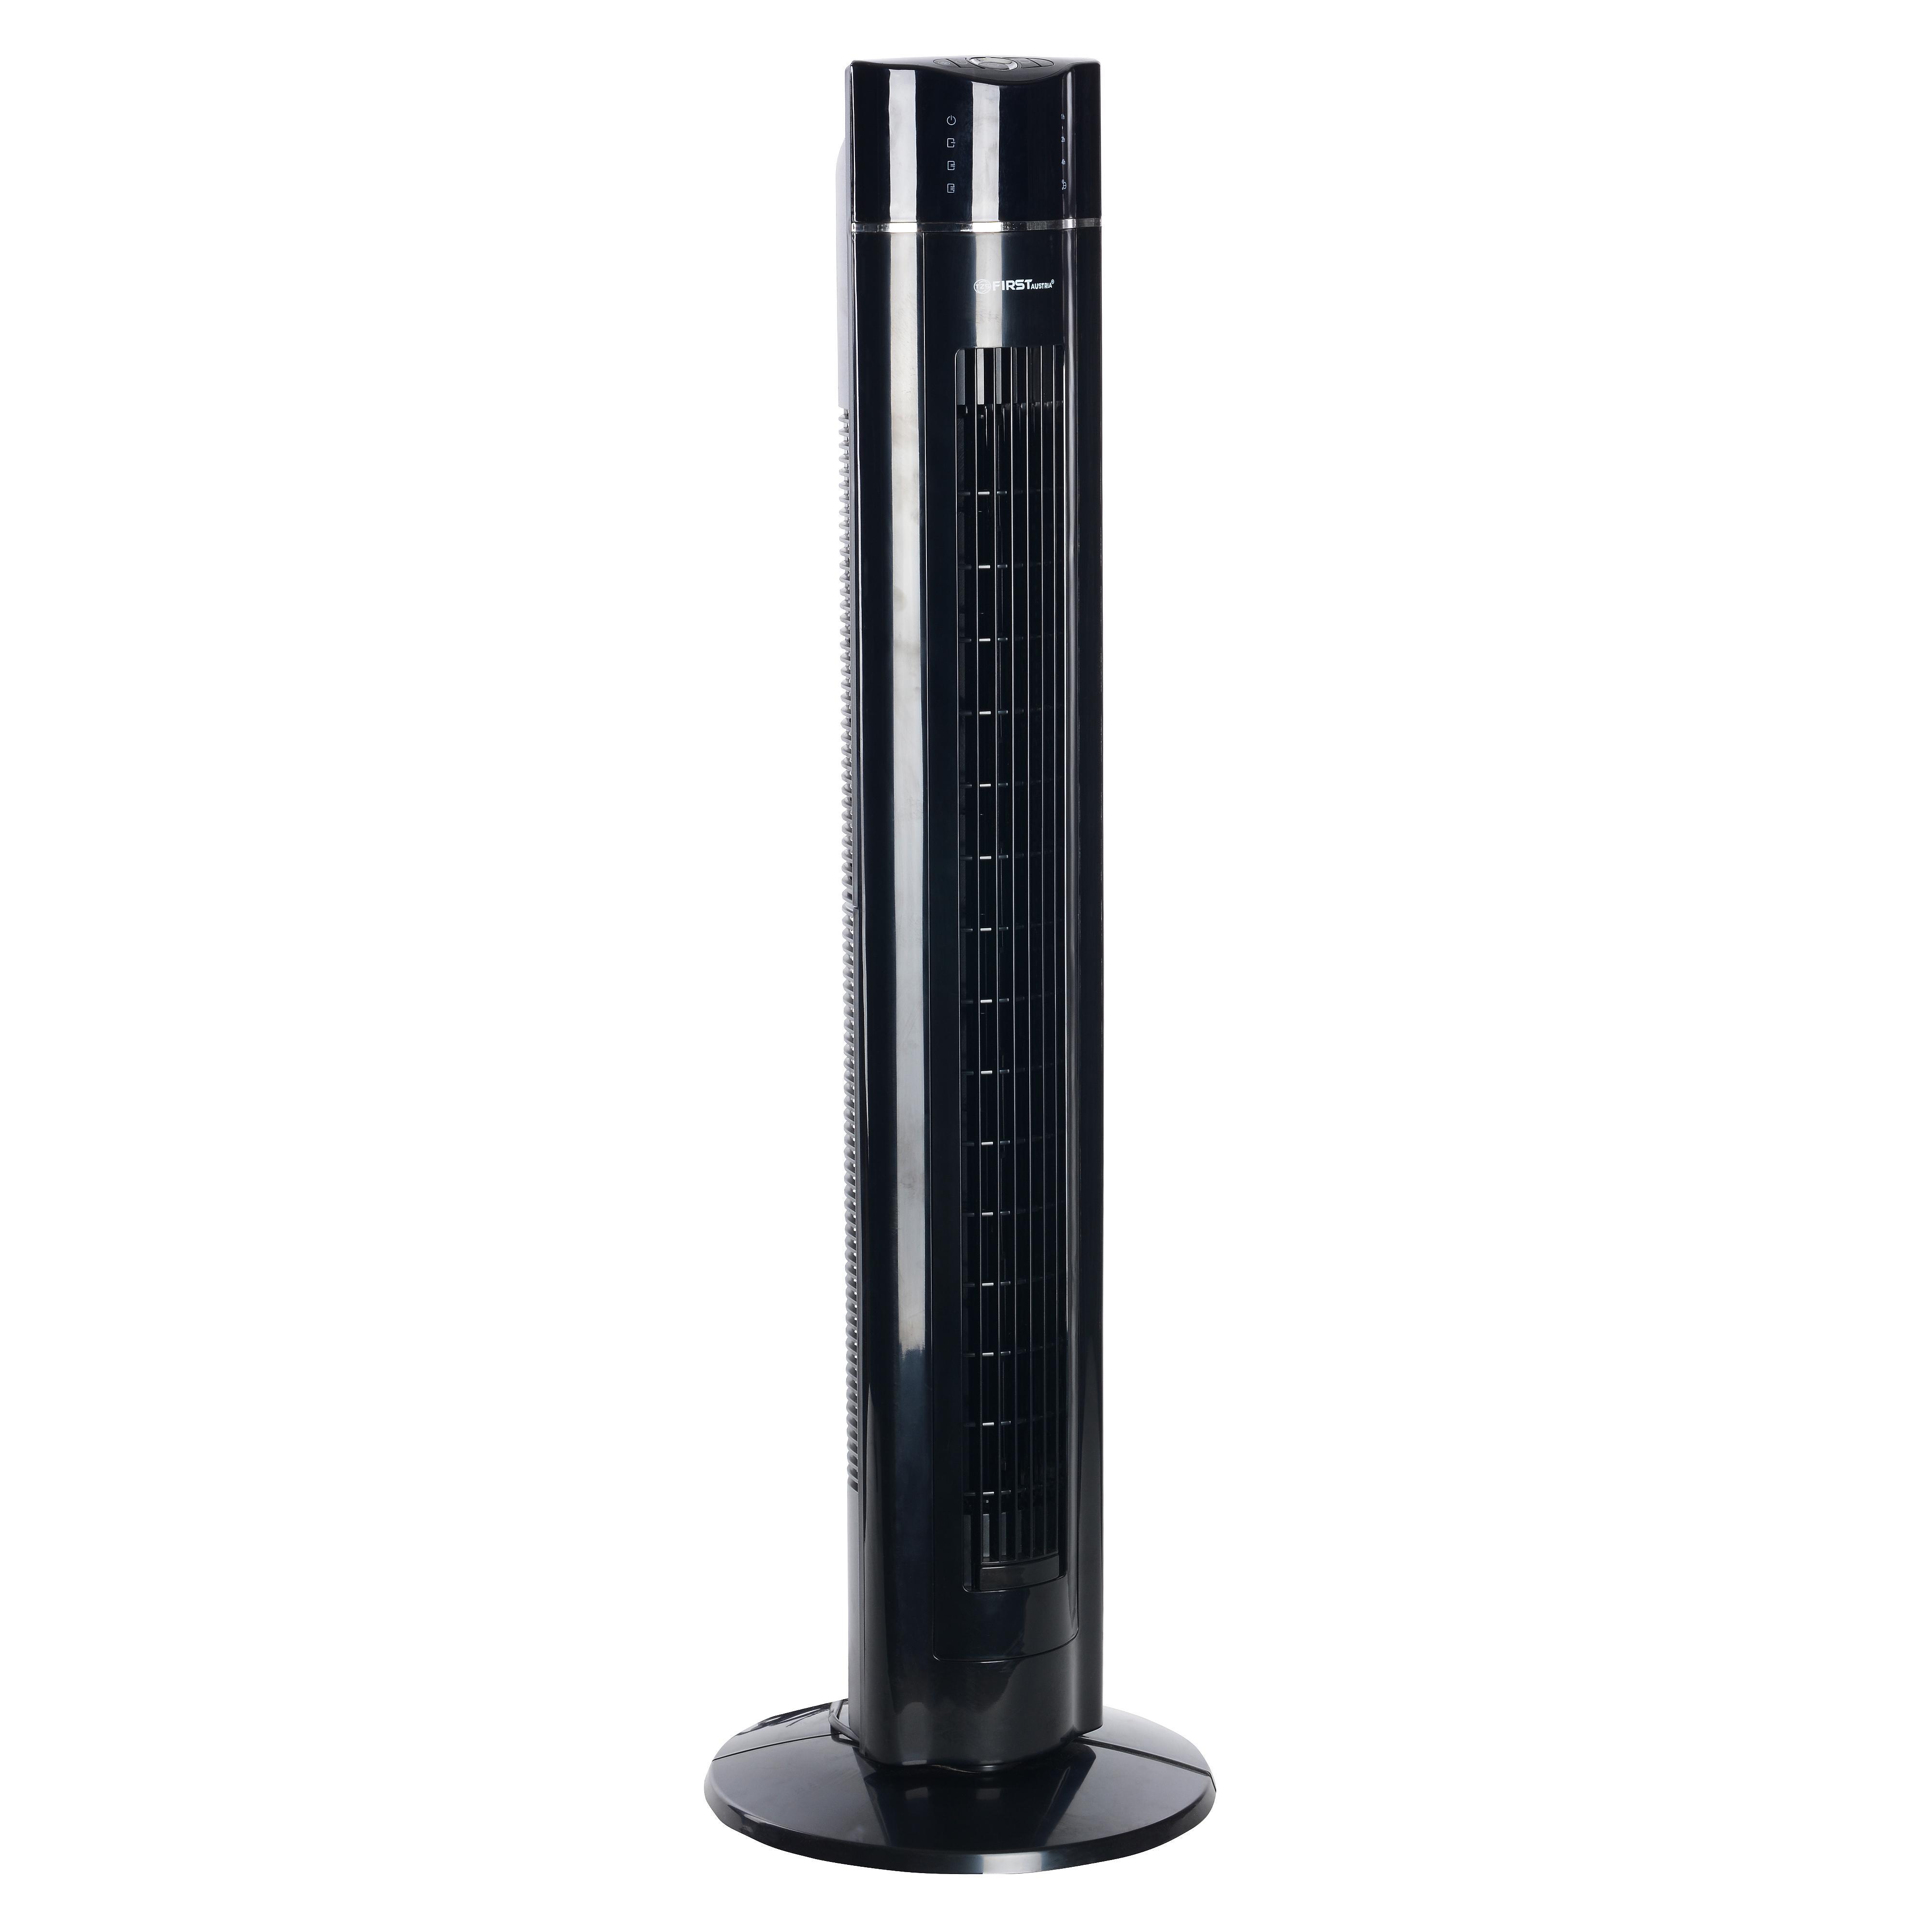 Вентилятор First Fa-5560-2 black